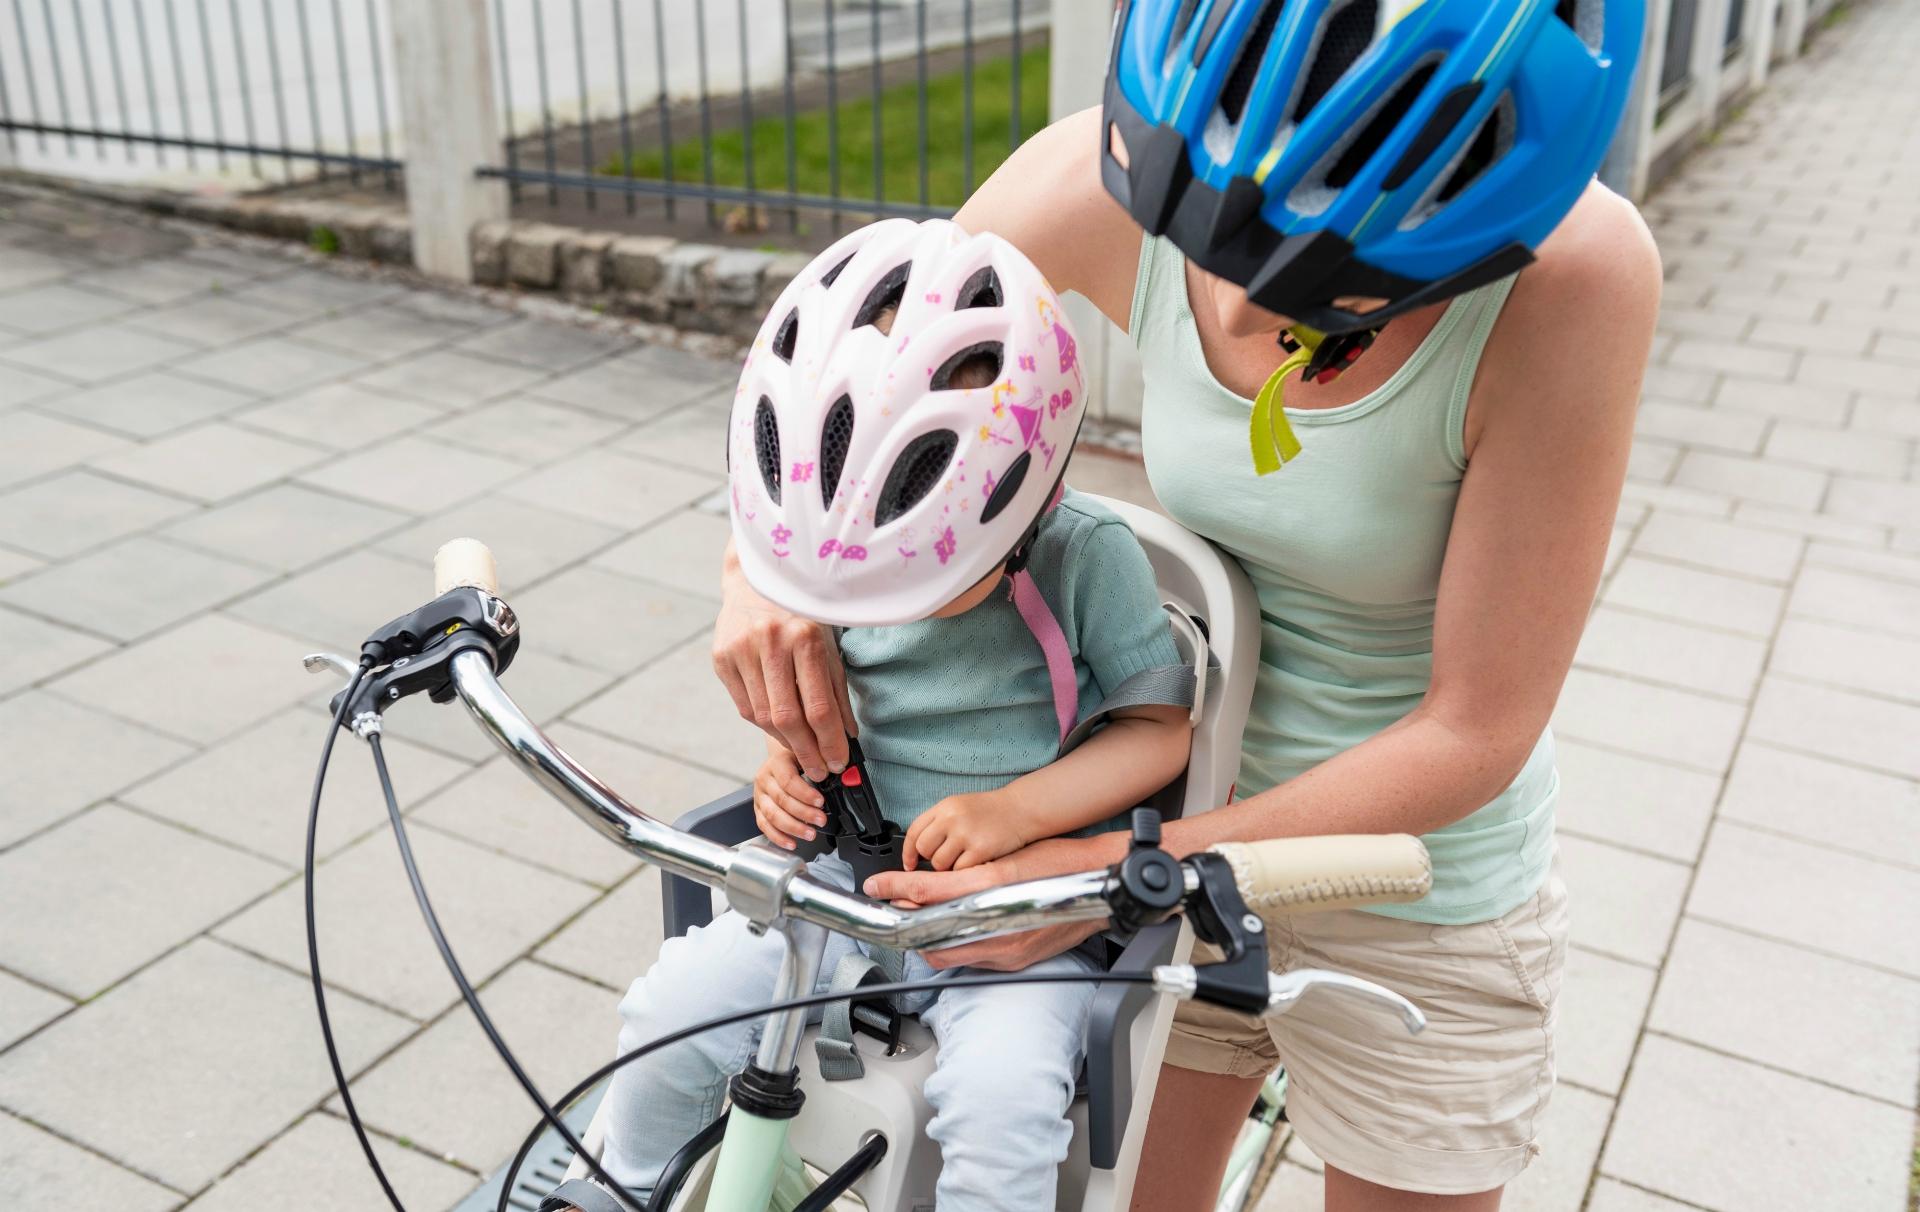 Mum and child in bike helmets